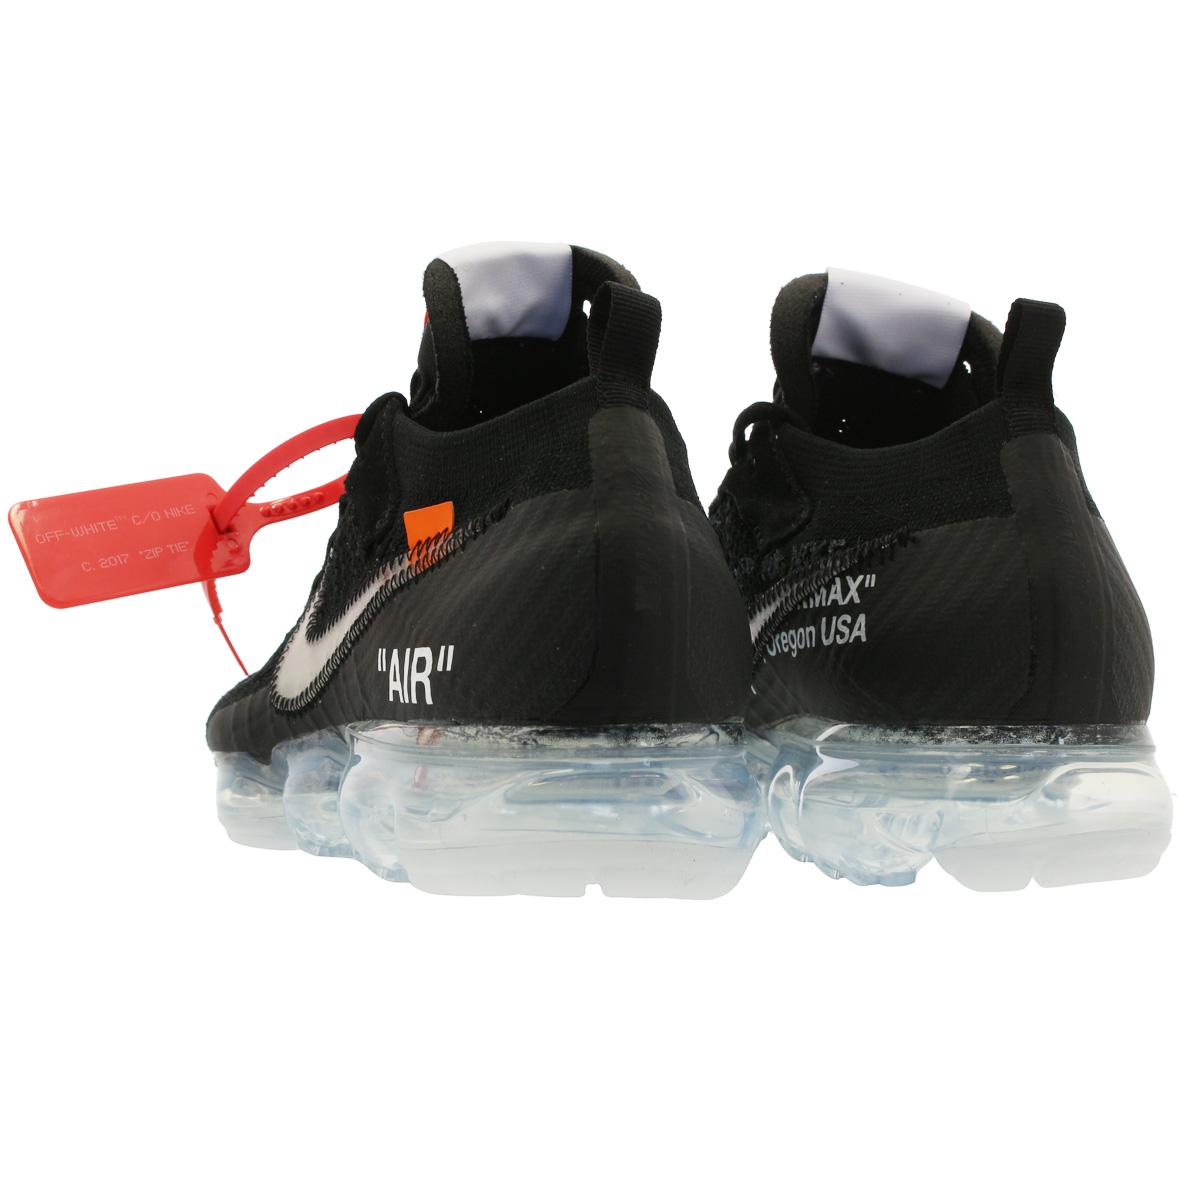 b56d3d9789ae1 NIKE AIR VAPORMAX FLYKNIT Nike air vapor max fried food knit BLACK TOTAL  CRIMSON CLEAR